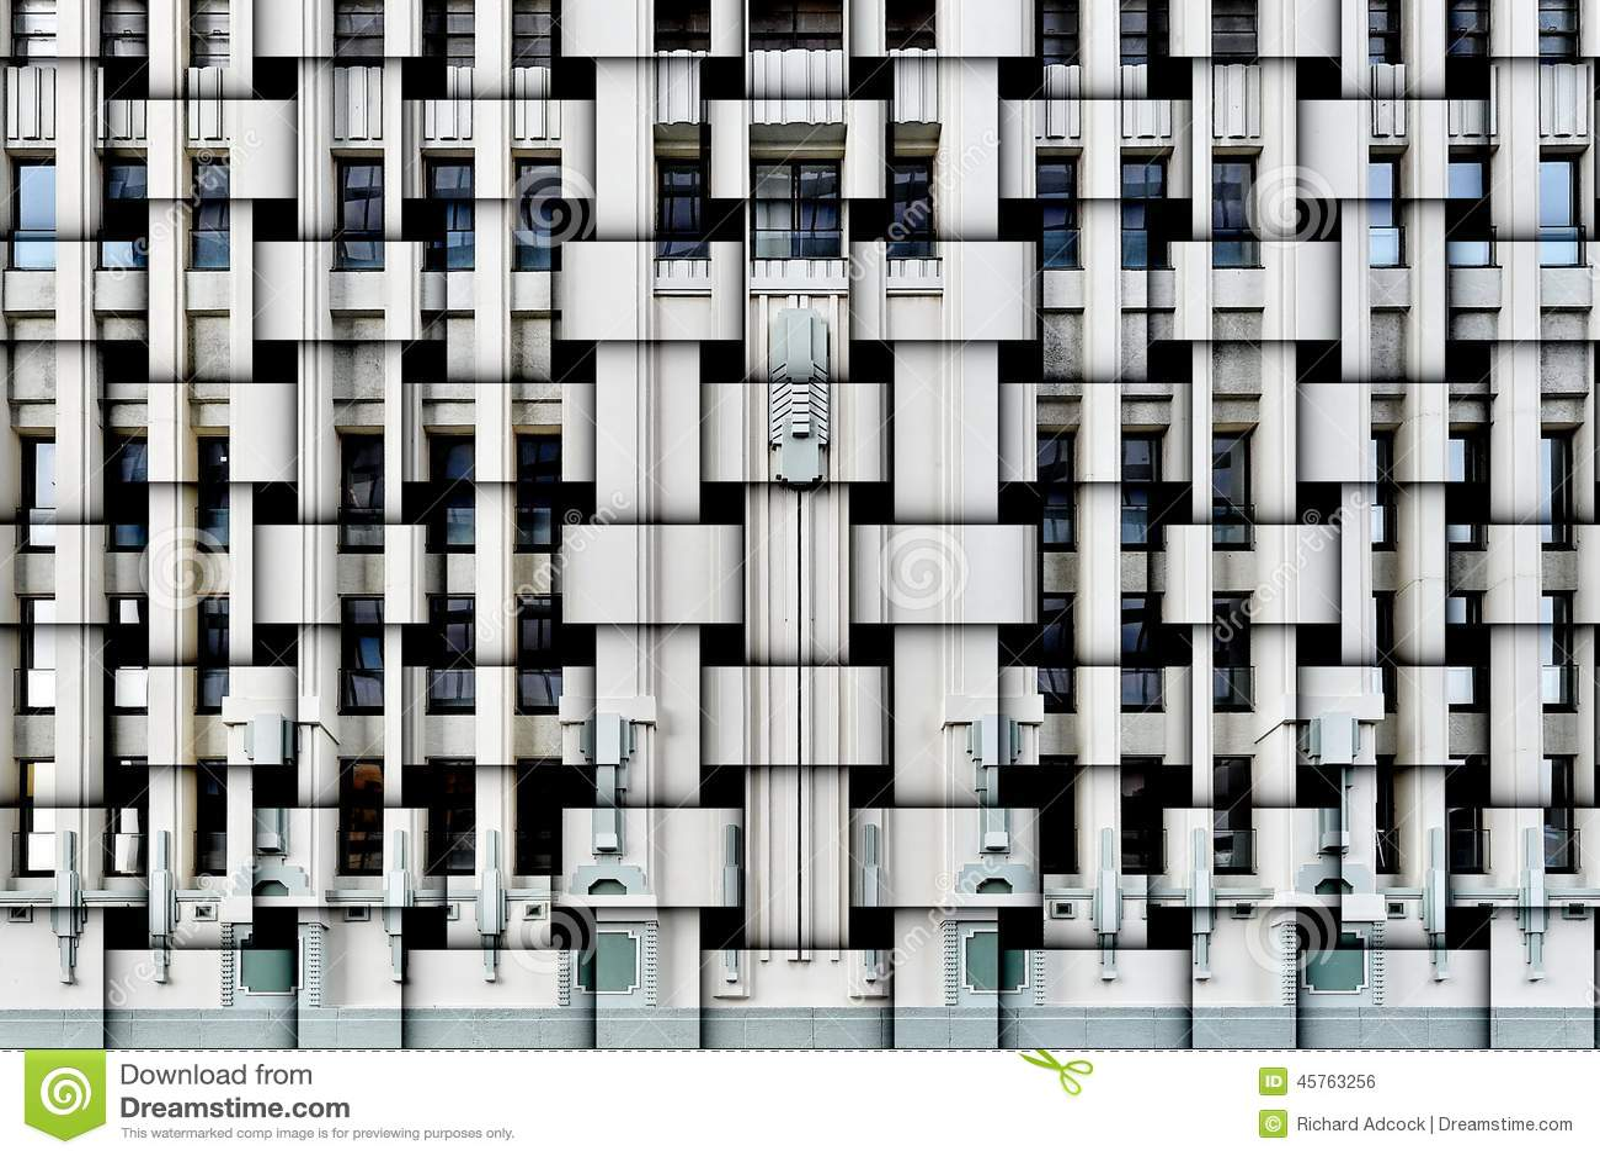 Art Deco Facade Stock Photo  Image 45763256